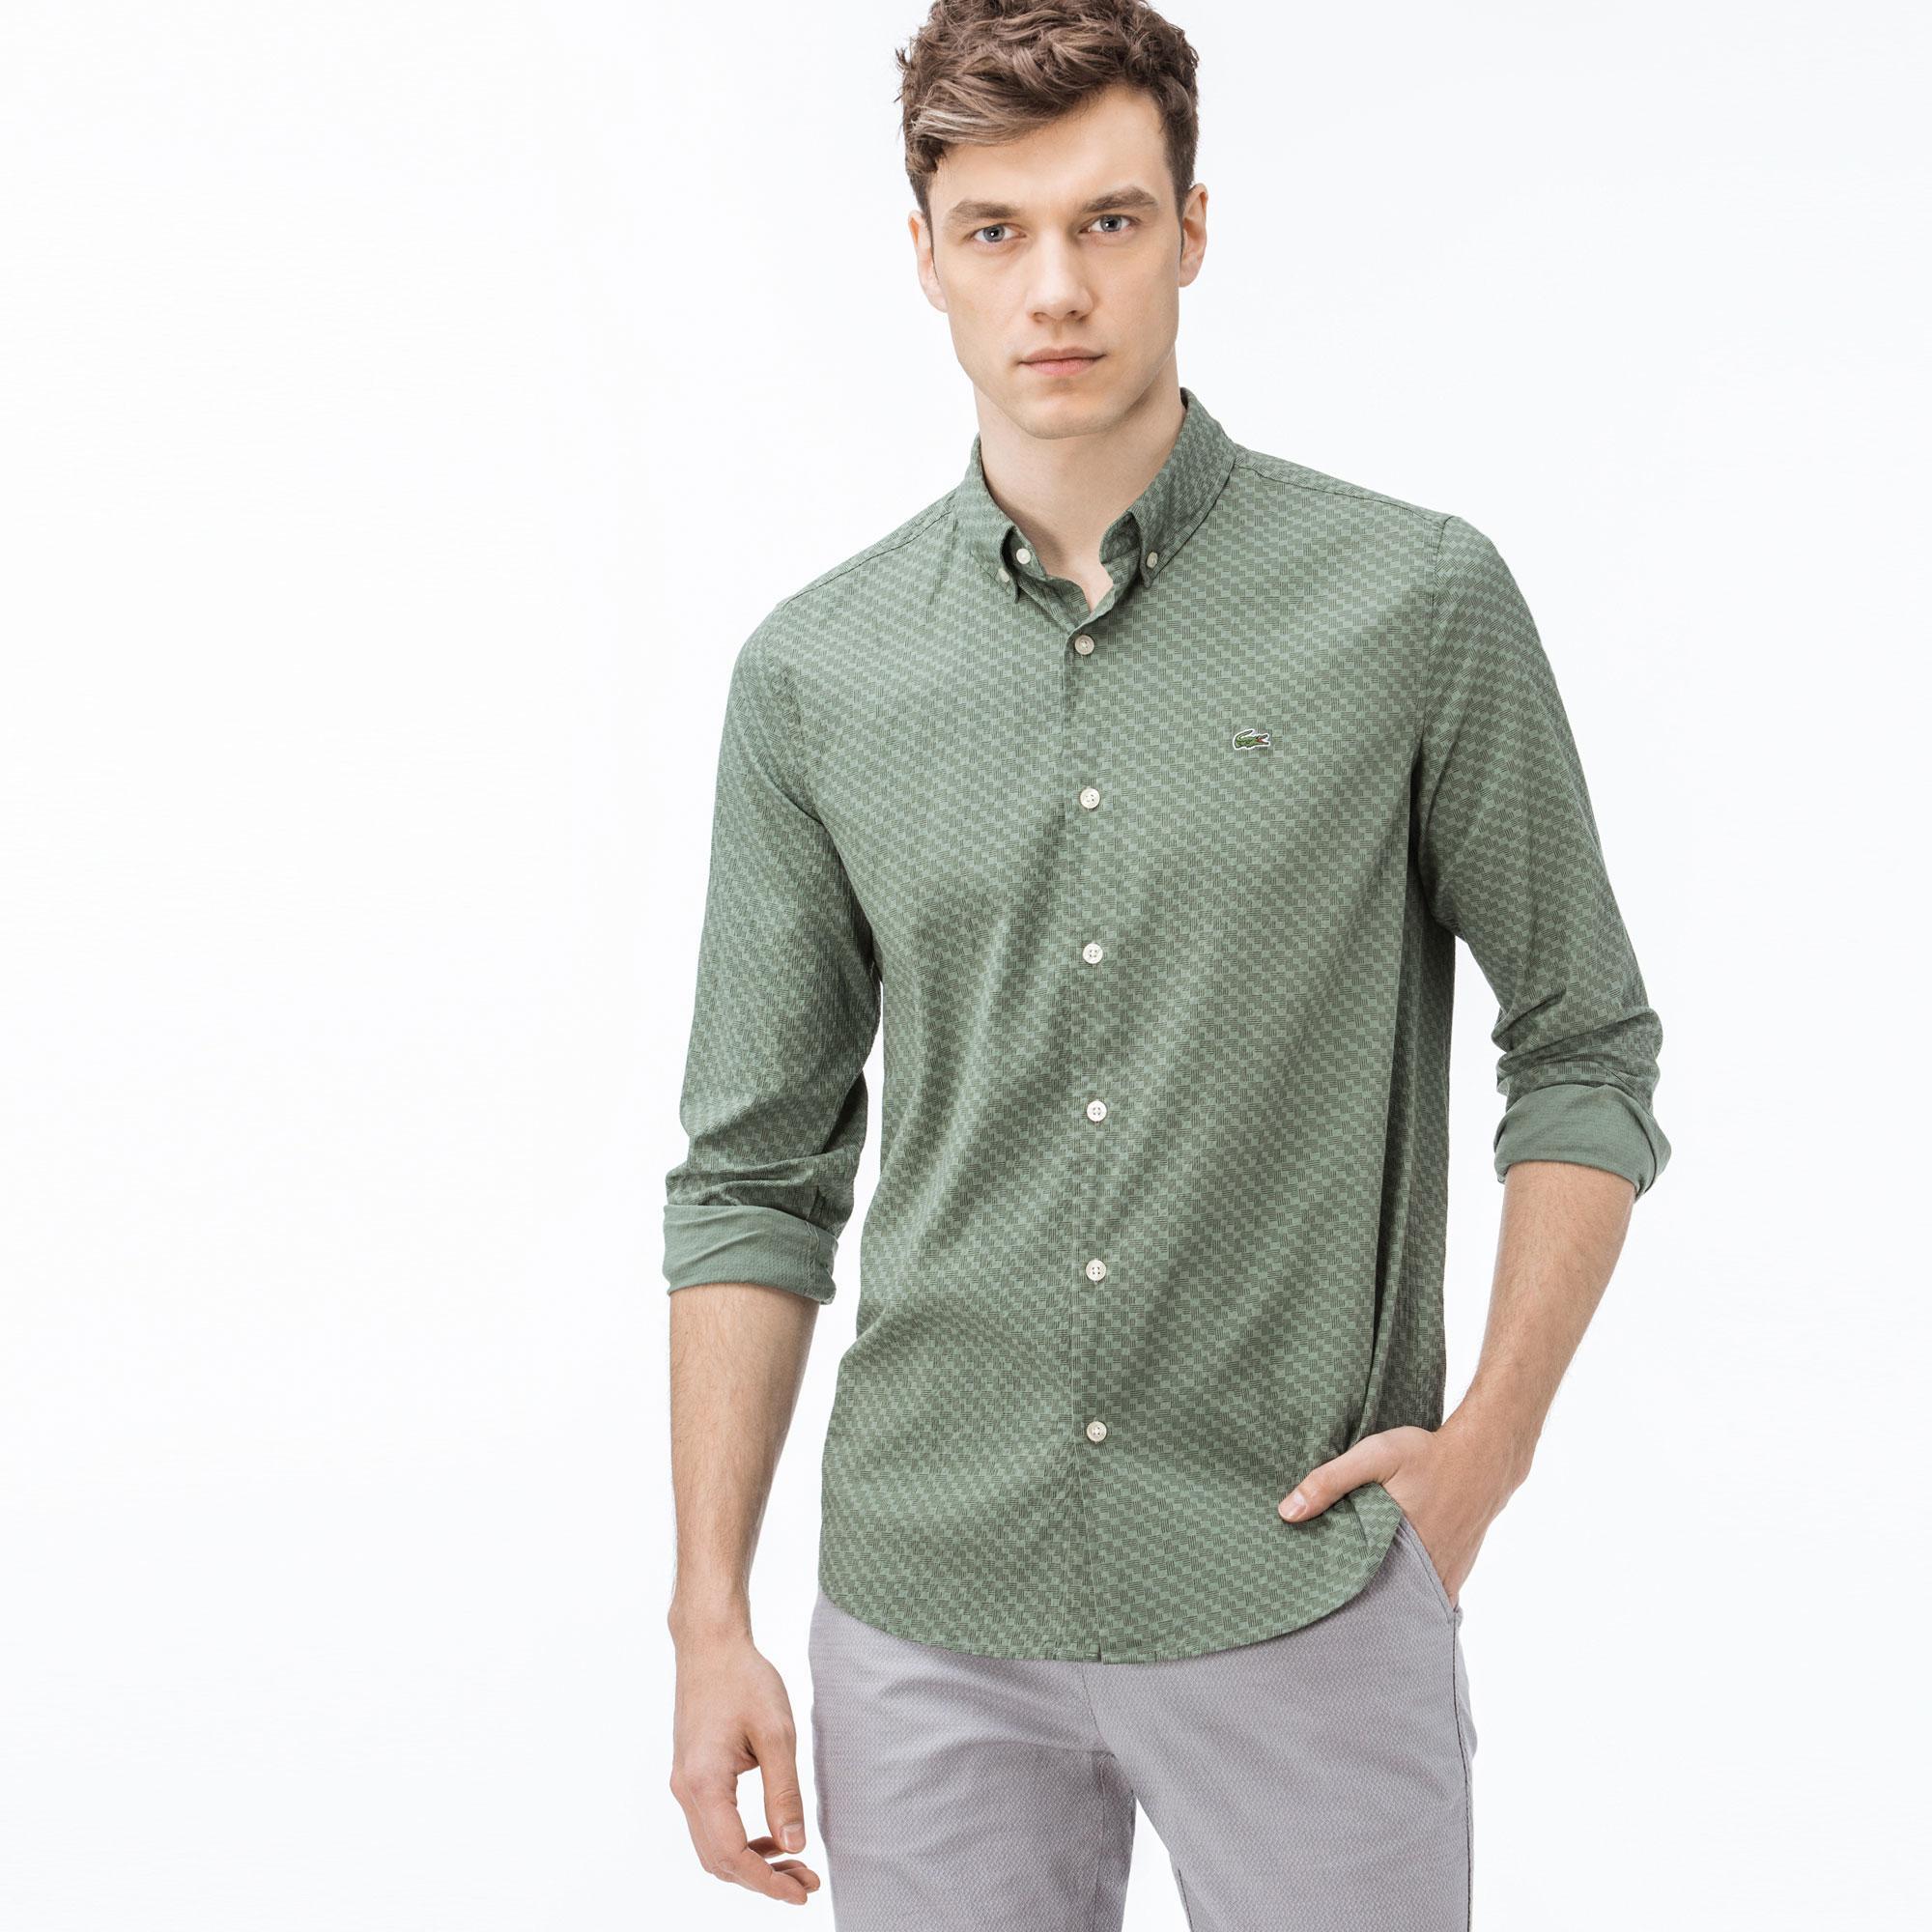 Lacoste Erkek Slim Fit Desenli Yeşil Gömlek